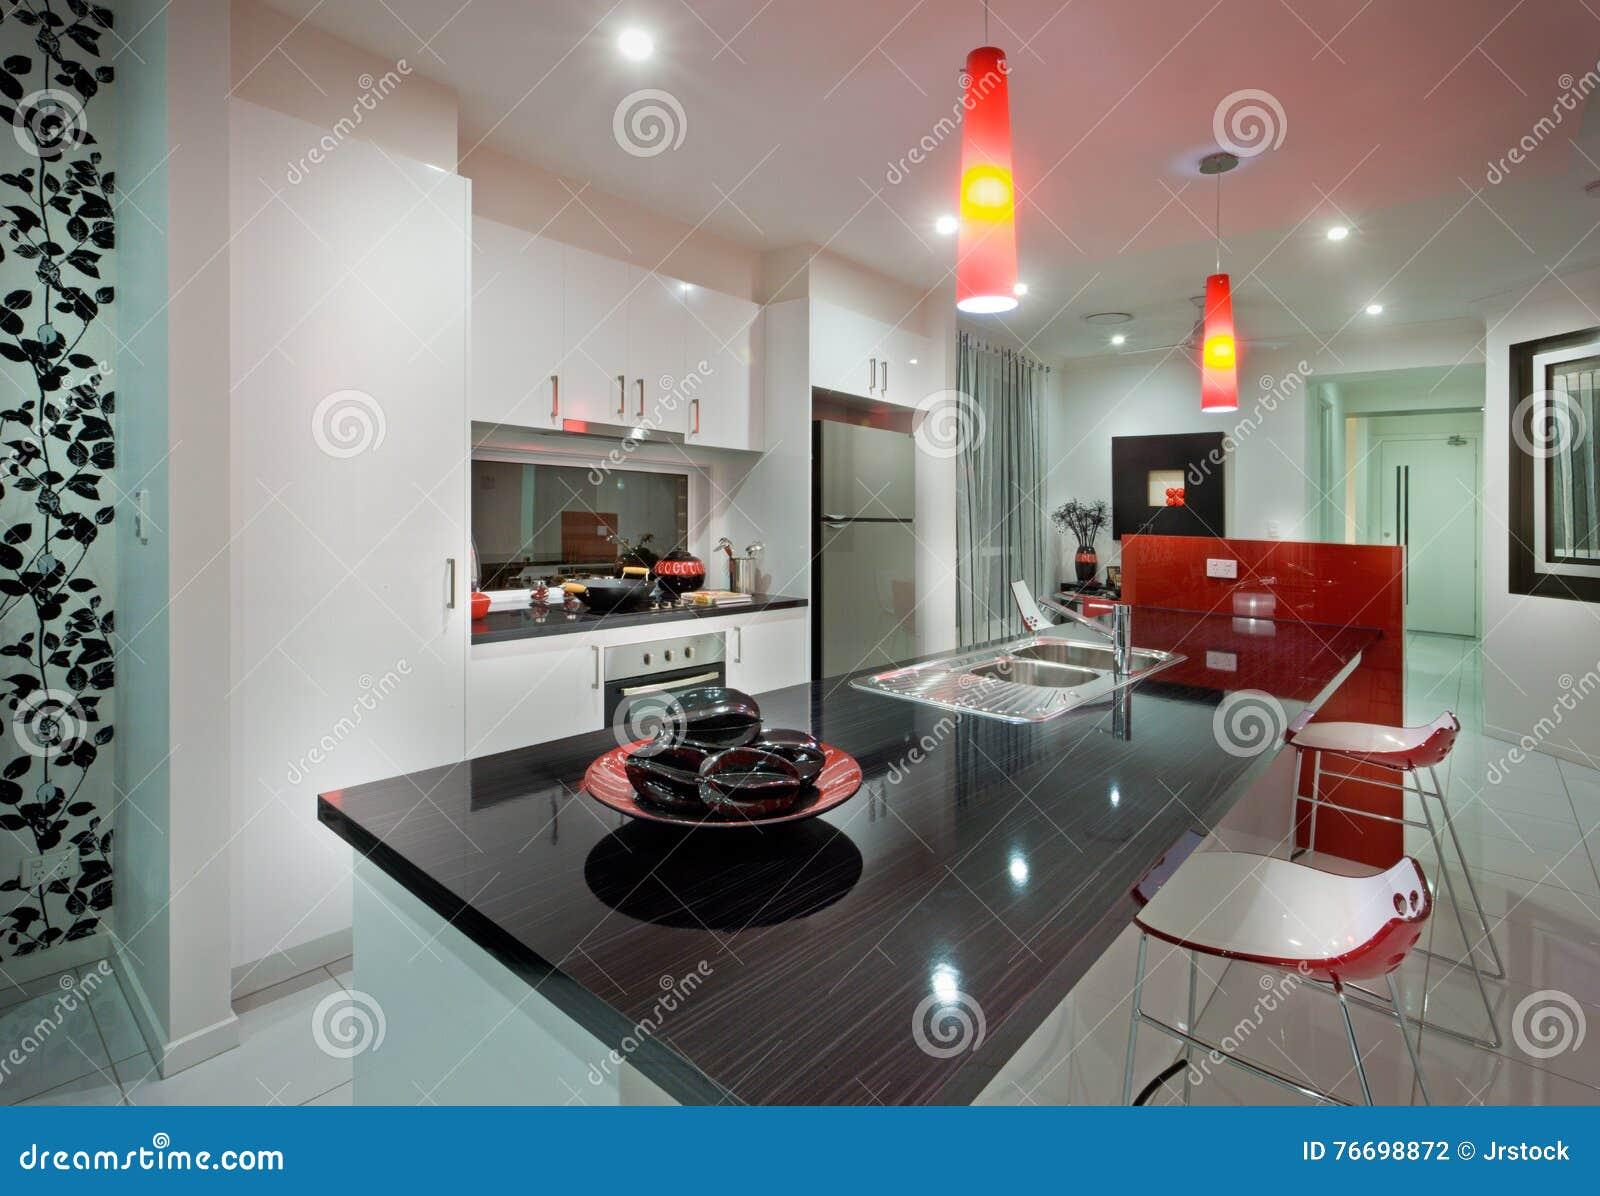 Mansión moderna a través de la cocina con las lámparas rojas